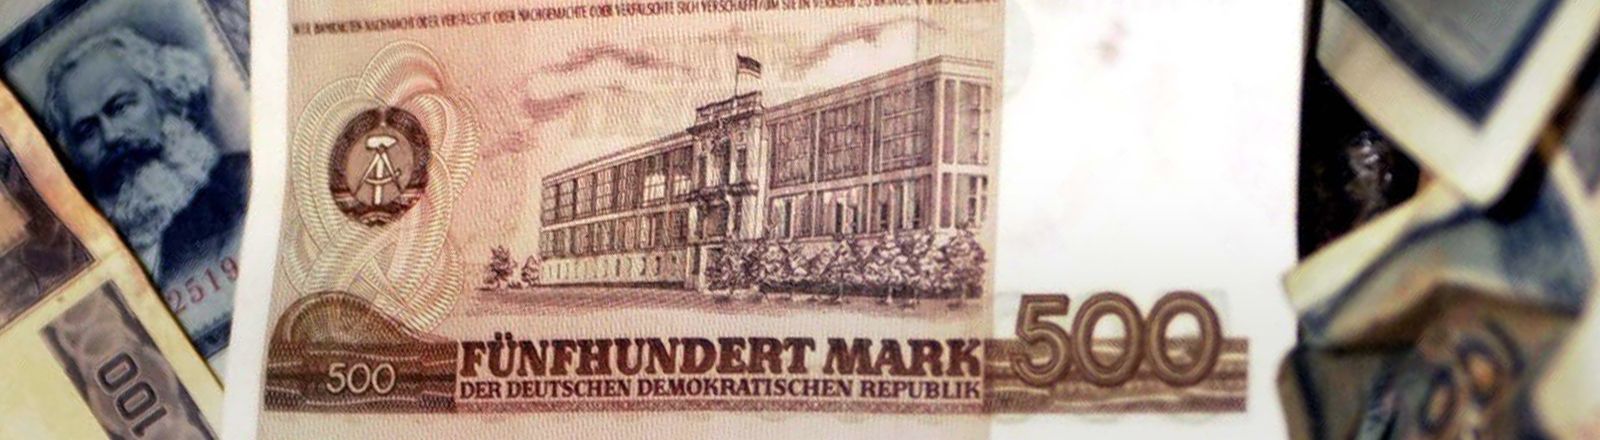 Großaufnahme eines Geldscheins aus der ehemaligen DDR